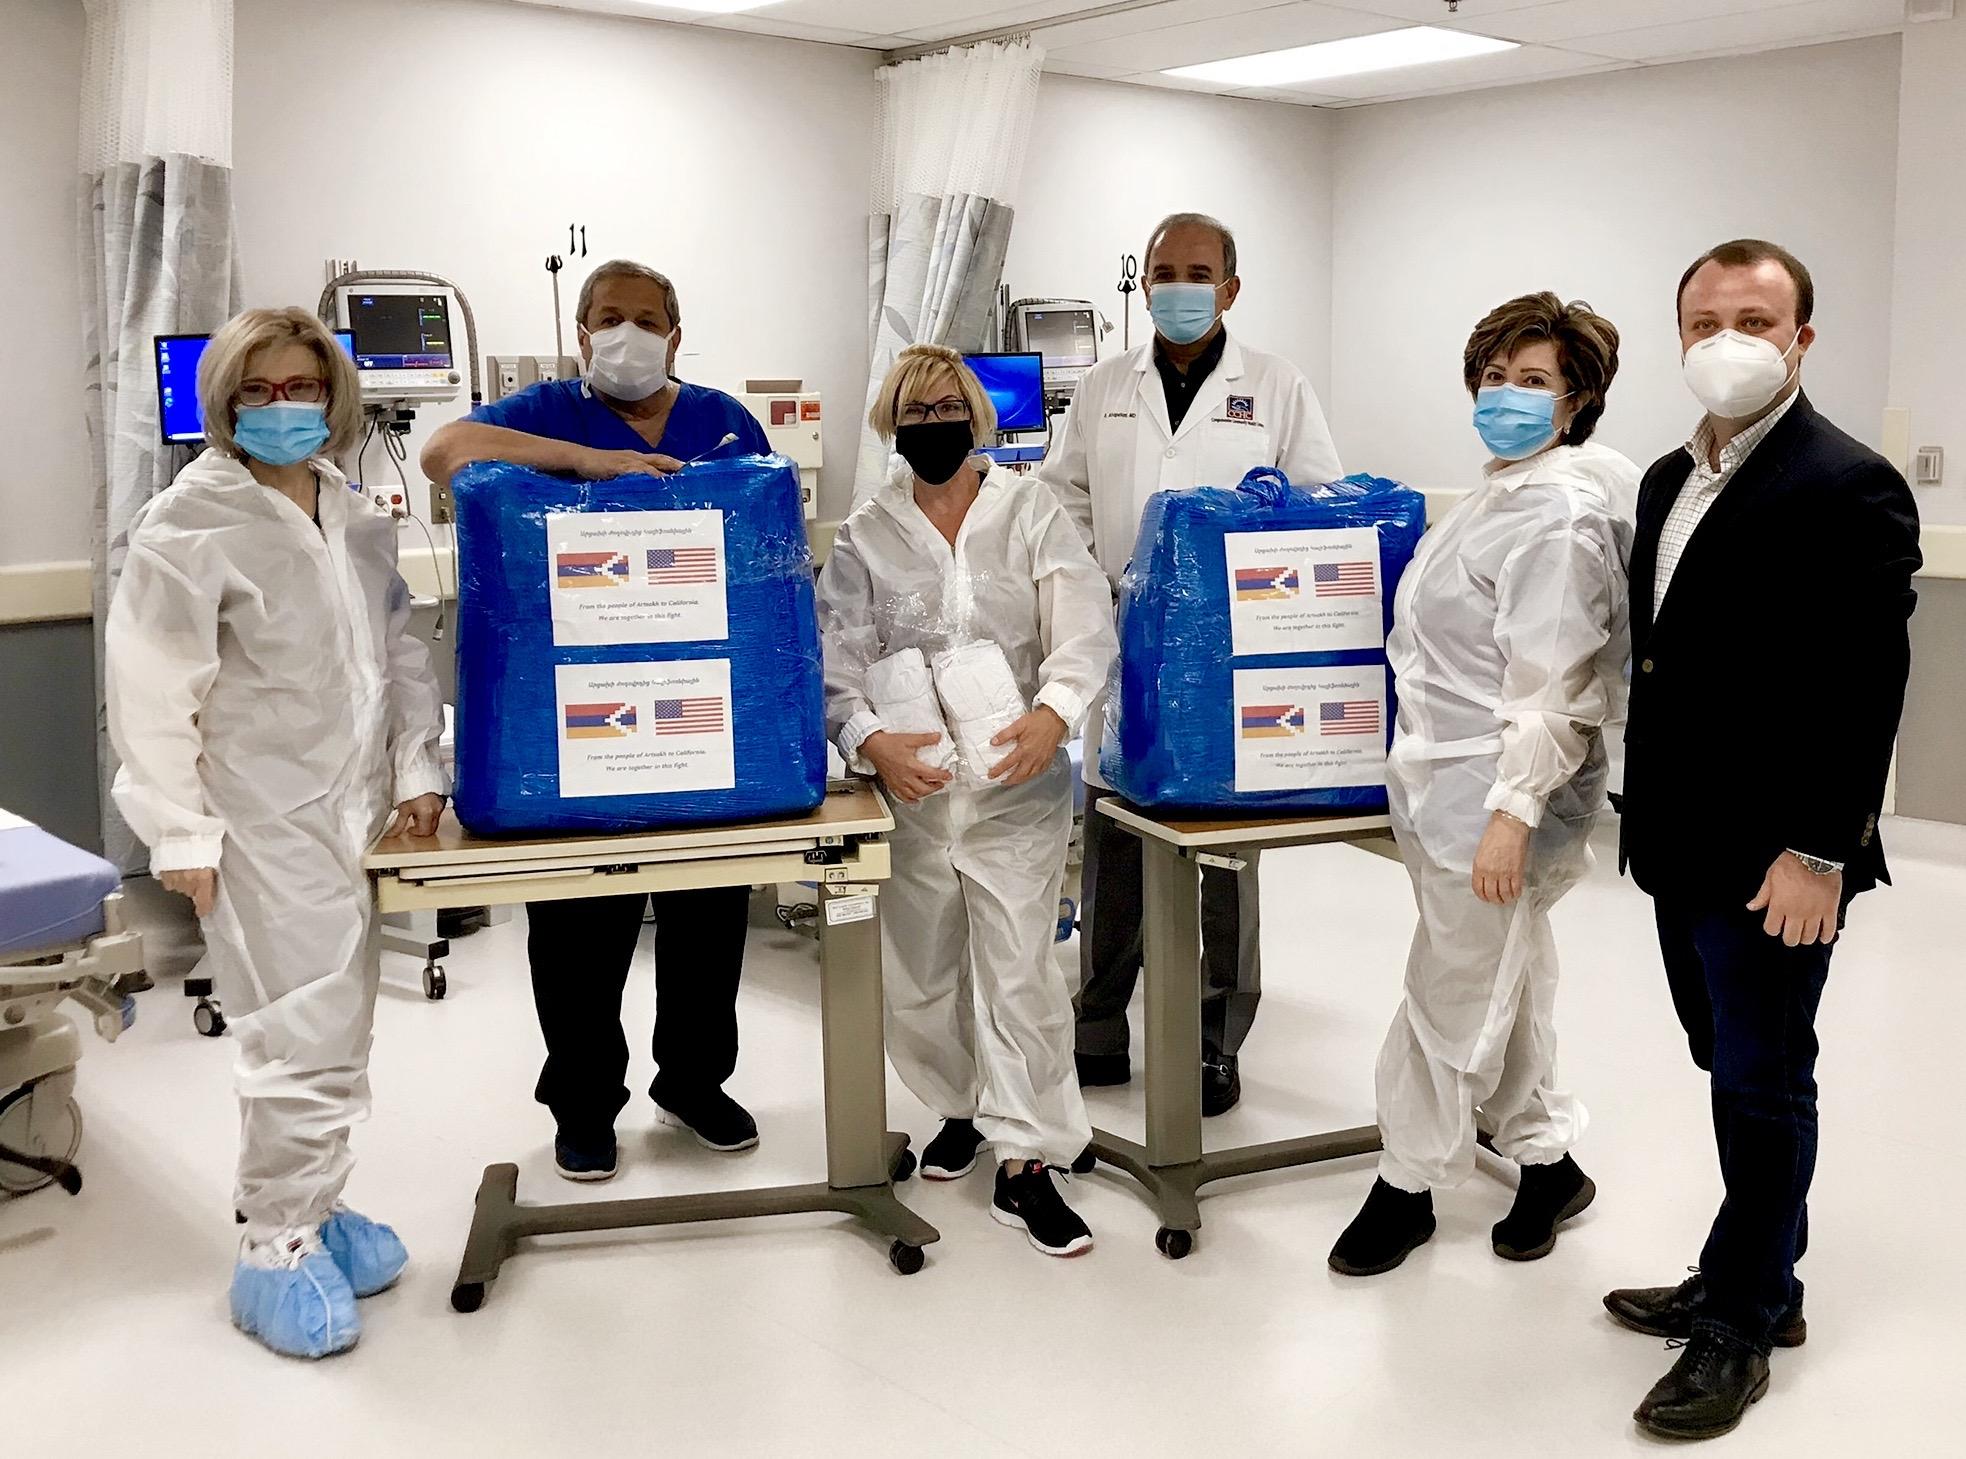 Photo of Արցախից մարդասիրական օգնությունը փոխանցվել է Լոս Անջելեսի «Chevy Chase» վիրաբուժության կենտրոն